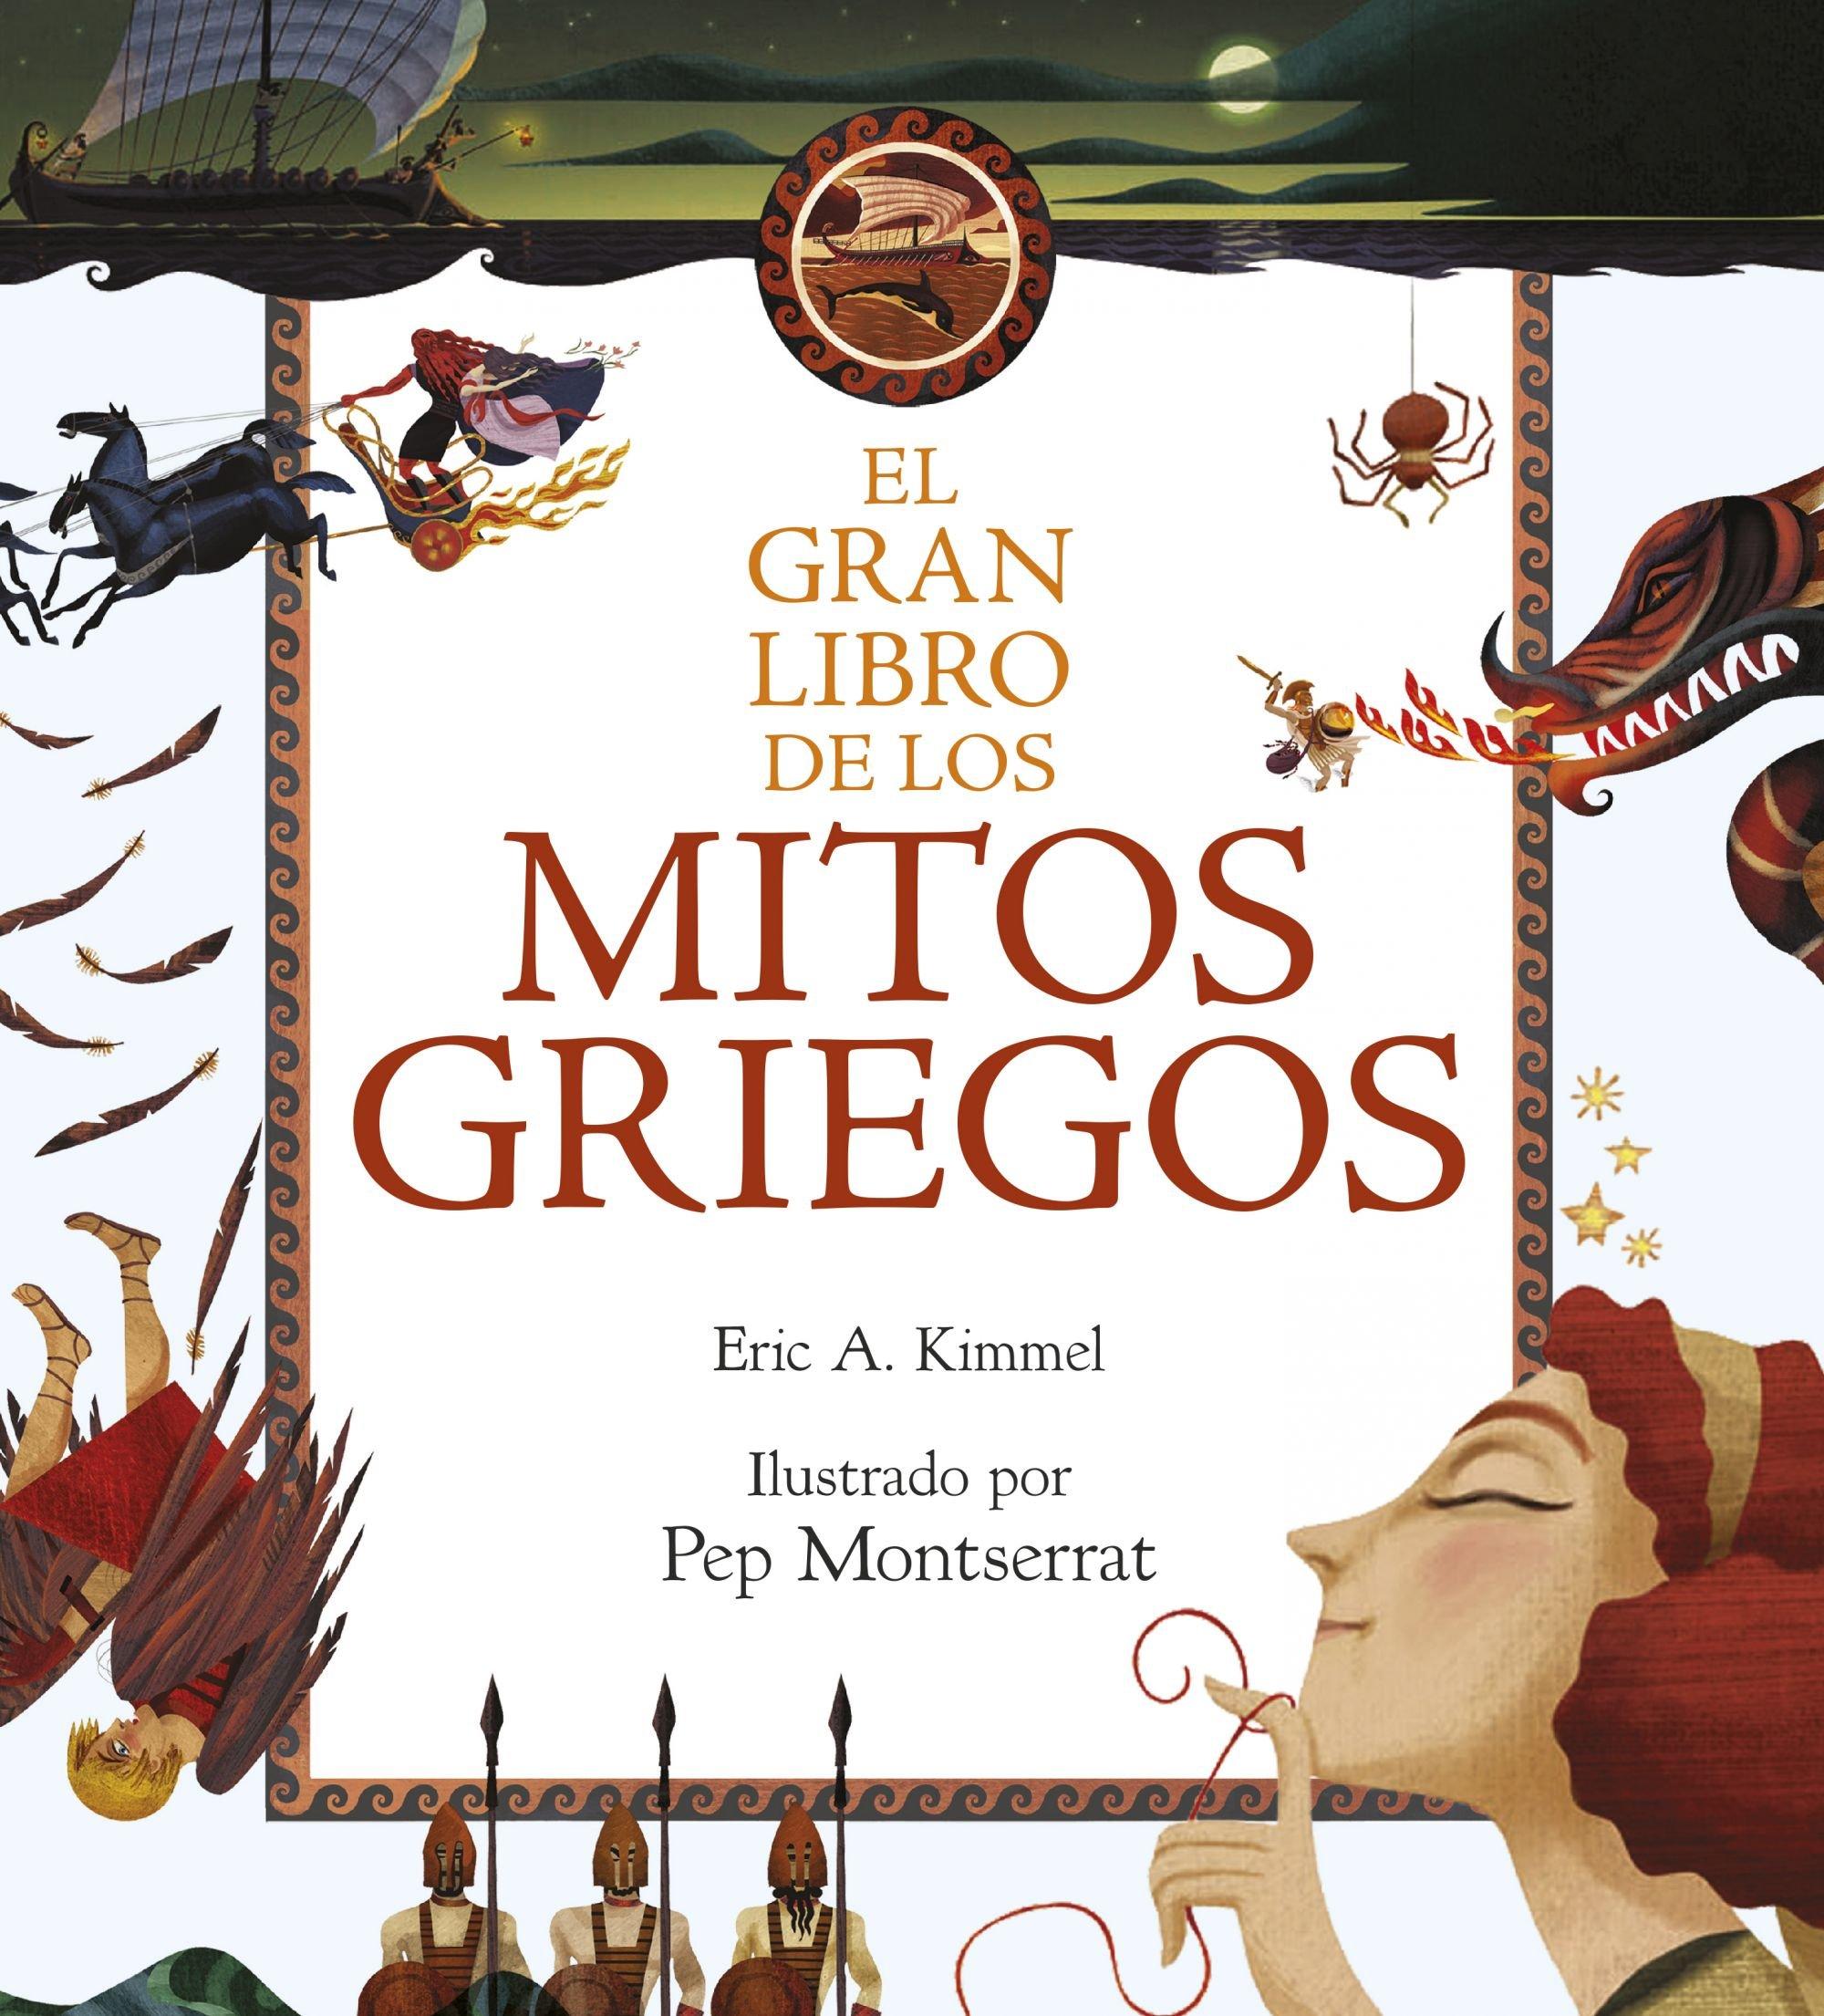 El gran libro de los mitos griegos Otros libros de gran formato: Amazon.es: Eric A. Kimmel, Editorial Planeta S. A.: Libros